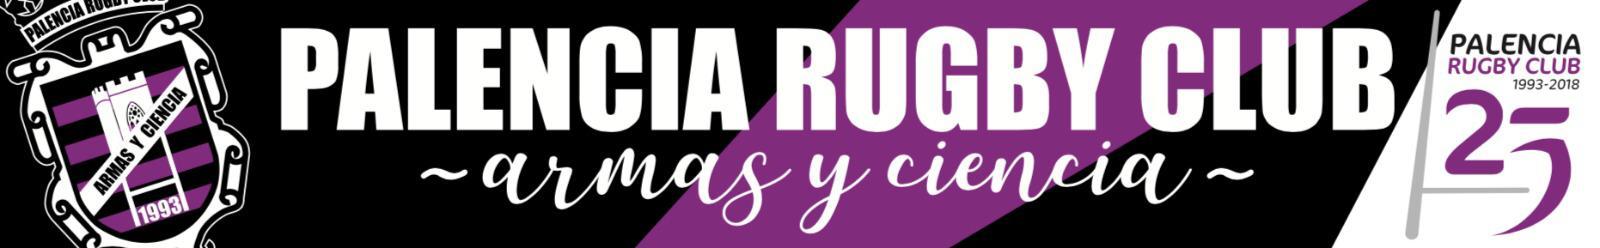 Palencia Rugby Club